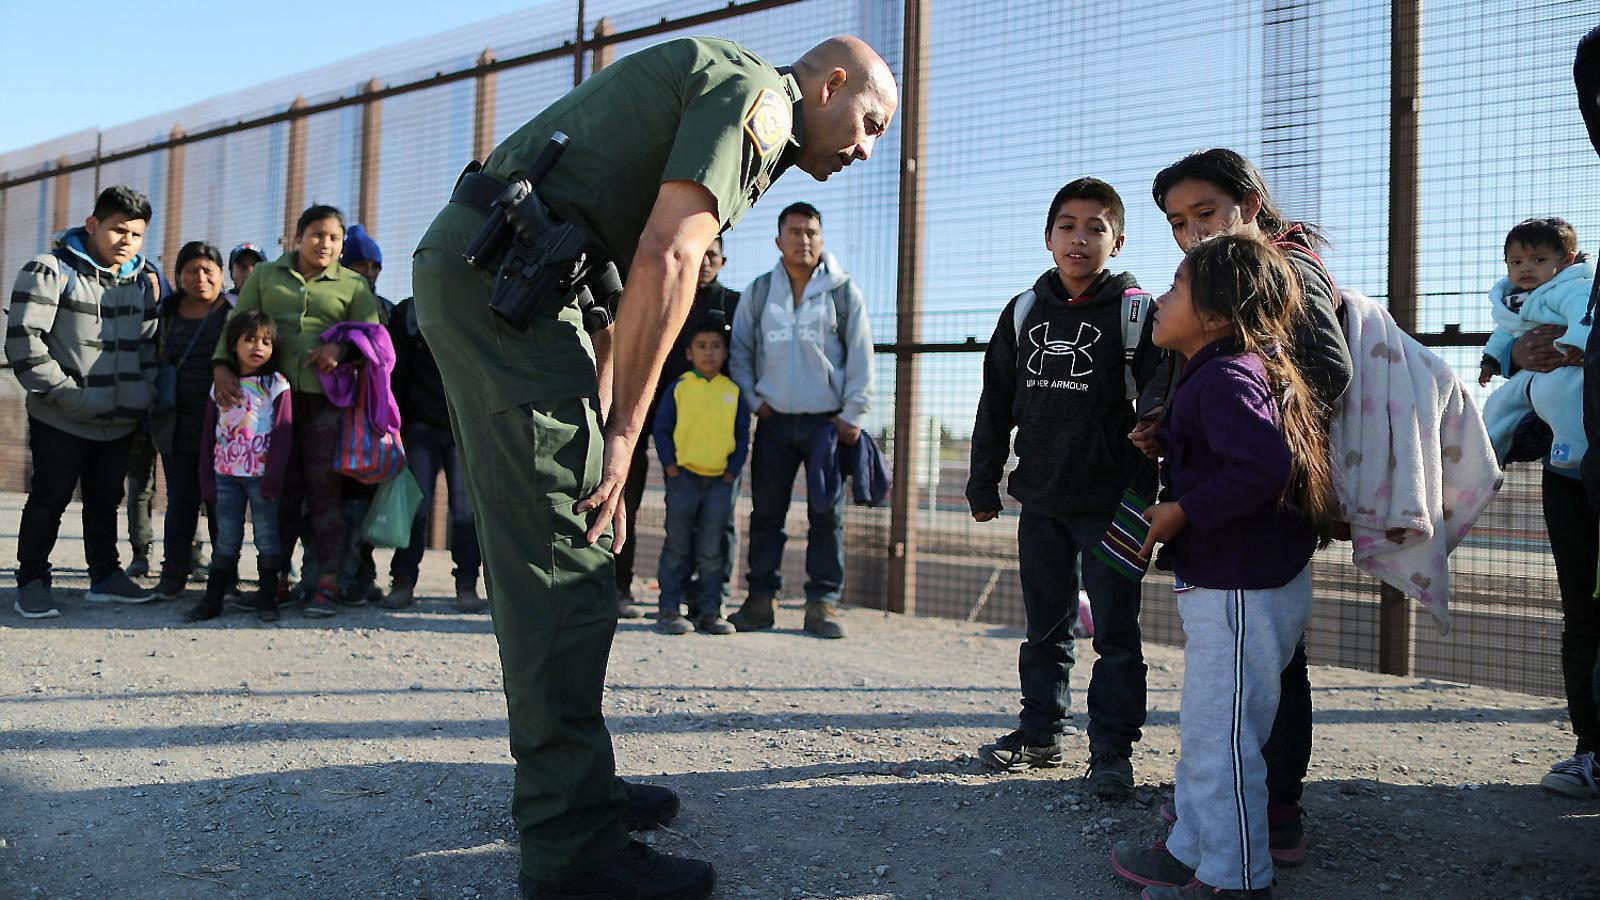 Criatures mortes sota custòdia de la policia a la frontera dels EUA